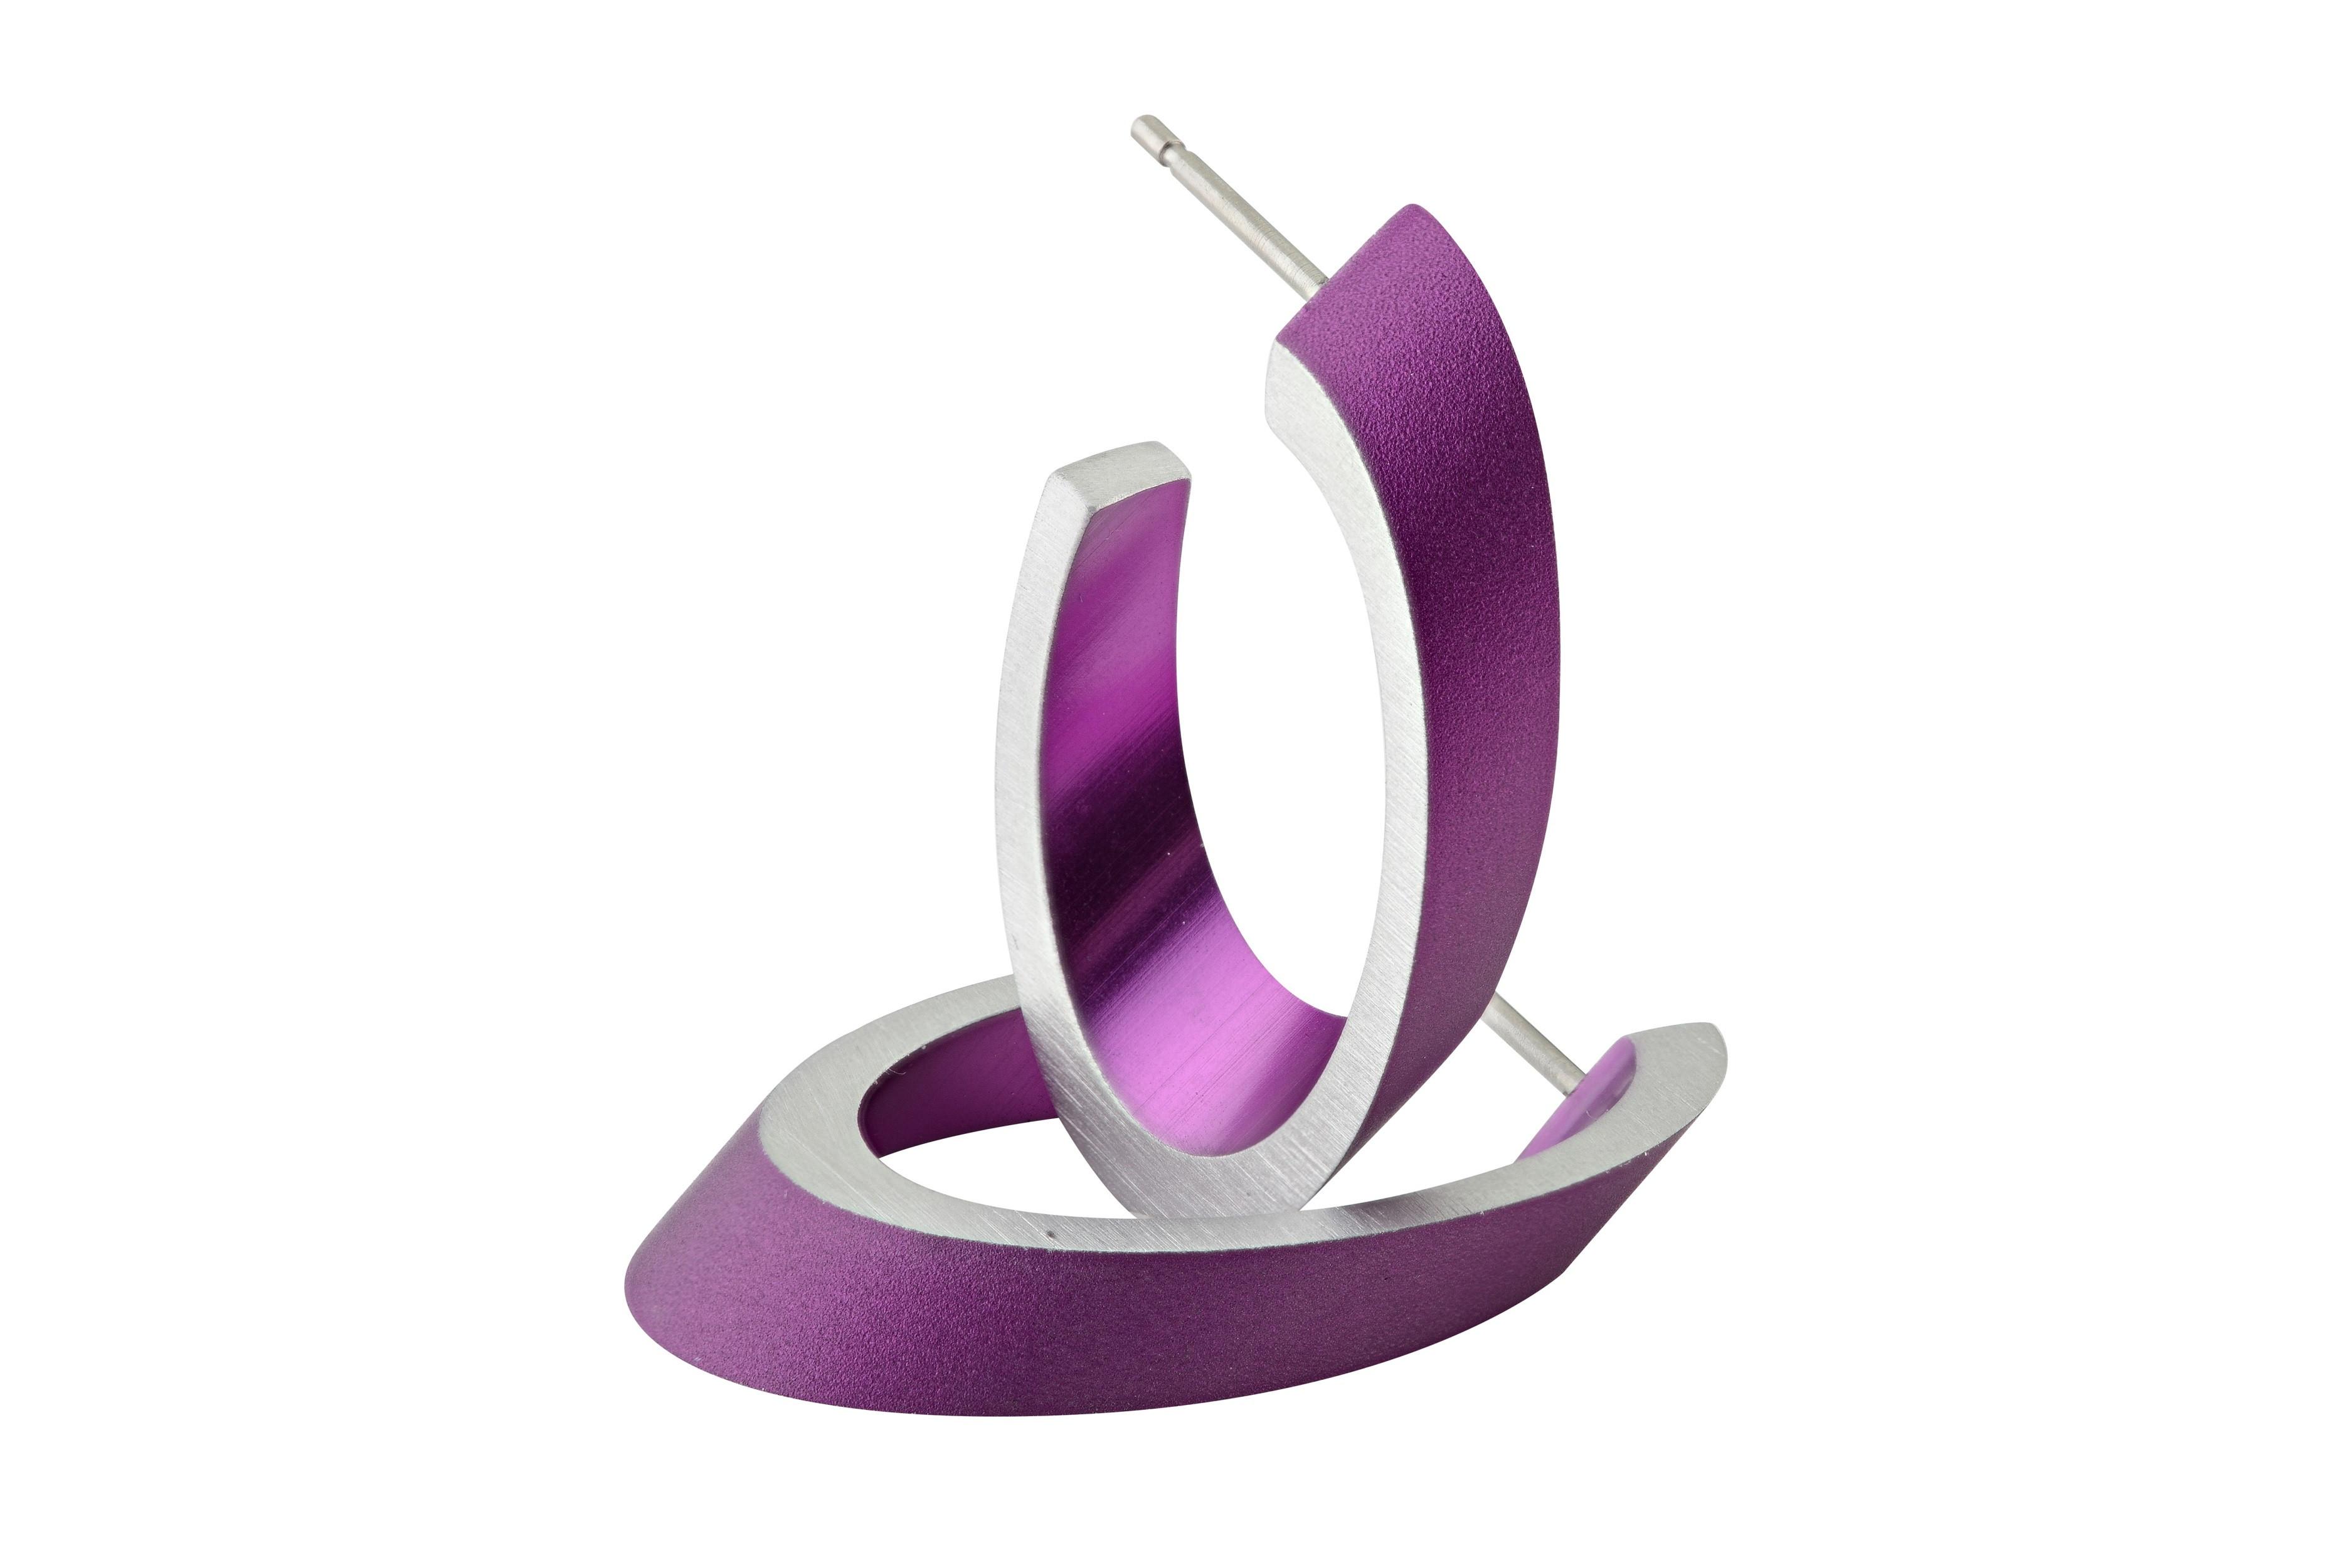 Oorbellen van Clic Creations bij shop.holland.com